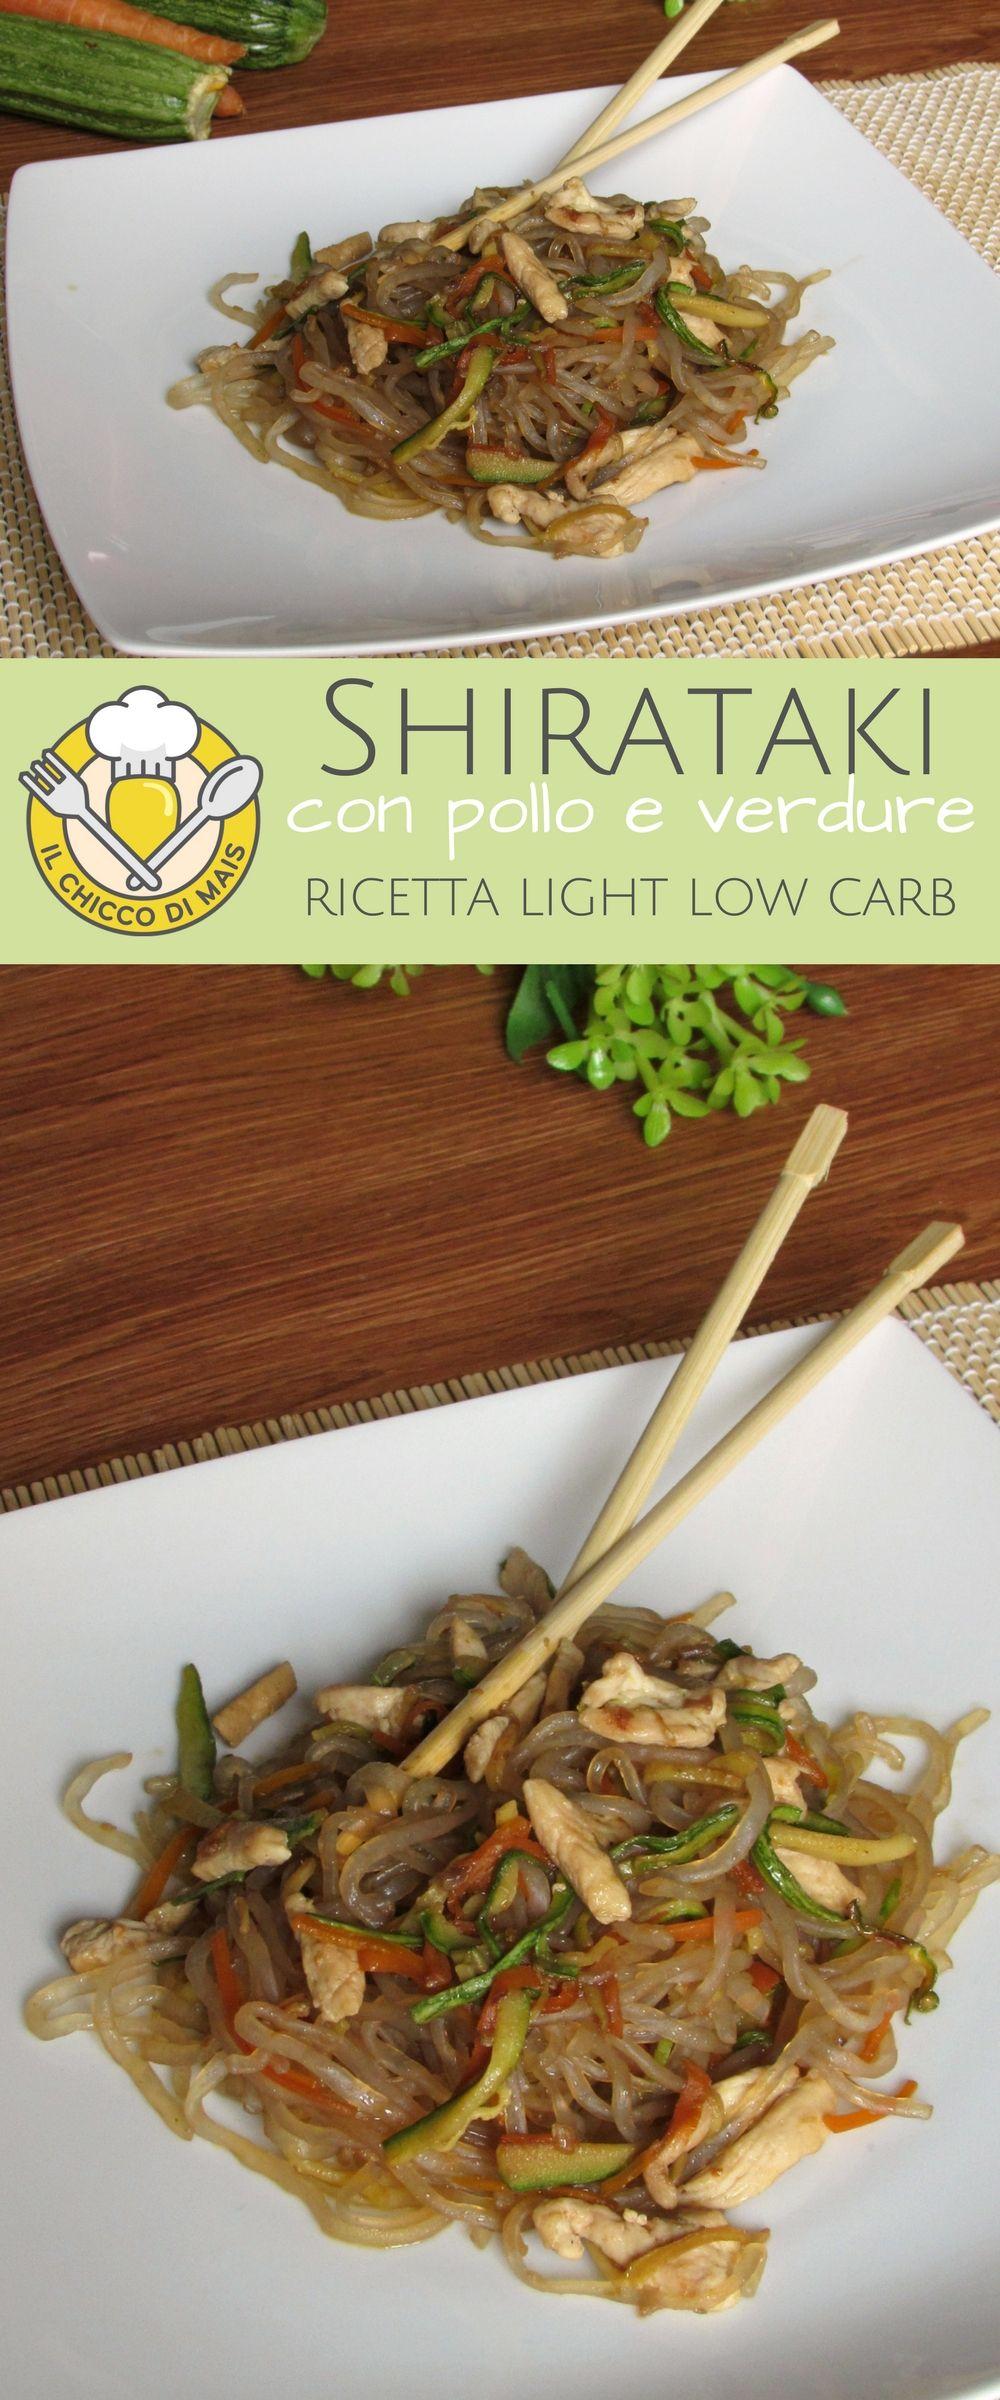 Ricetta Noodles Giapponesi Pollo.Shirataki Con Pollo E Verdure Ricette Noodles Giapponesi Ricette Asiatiche